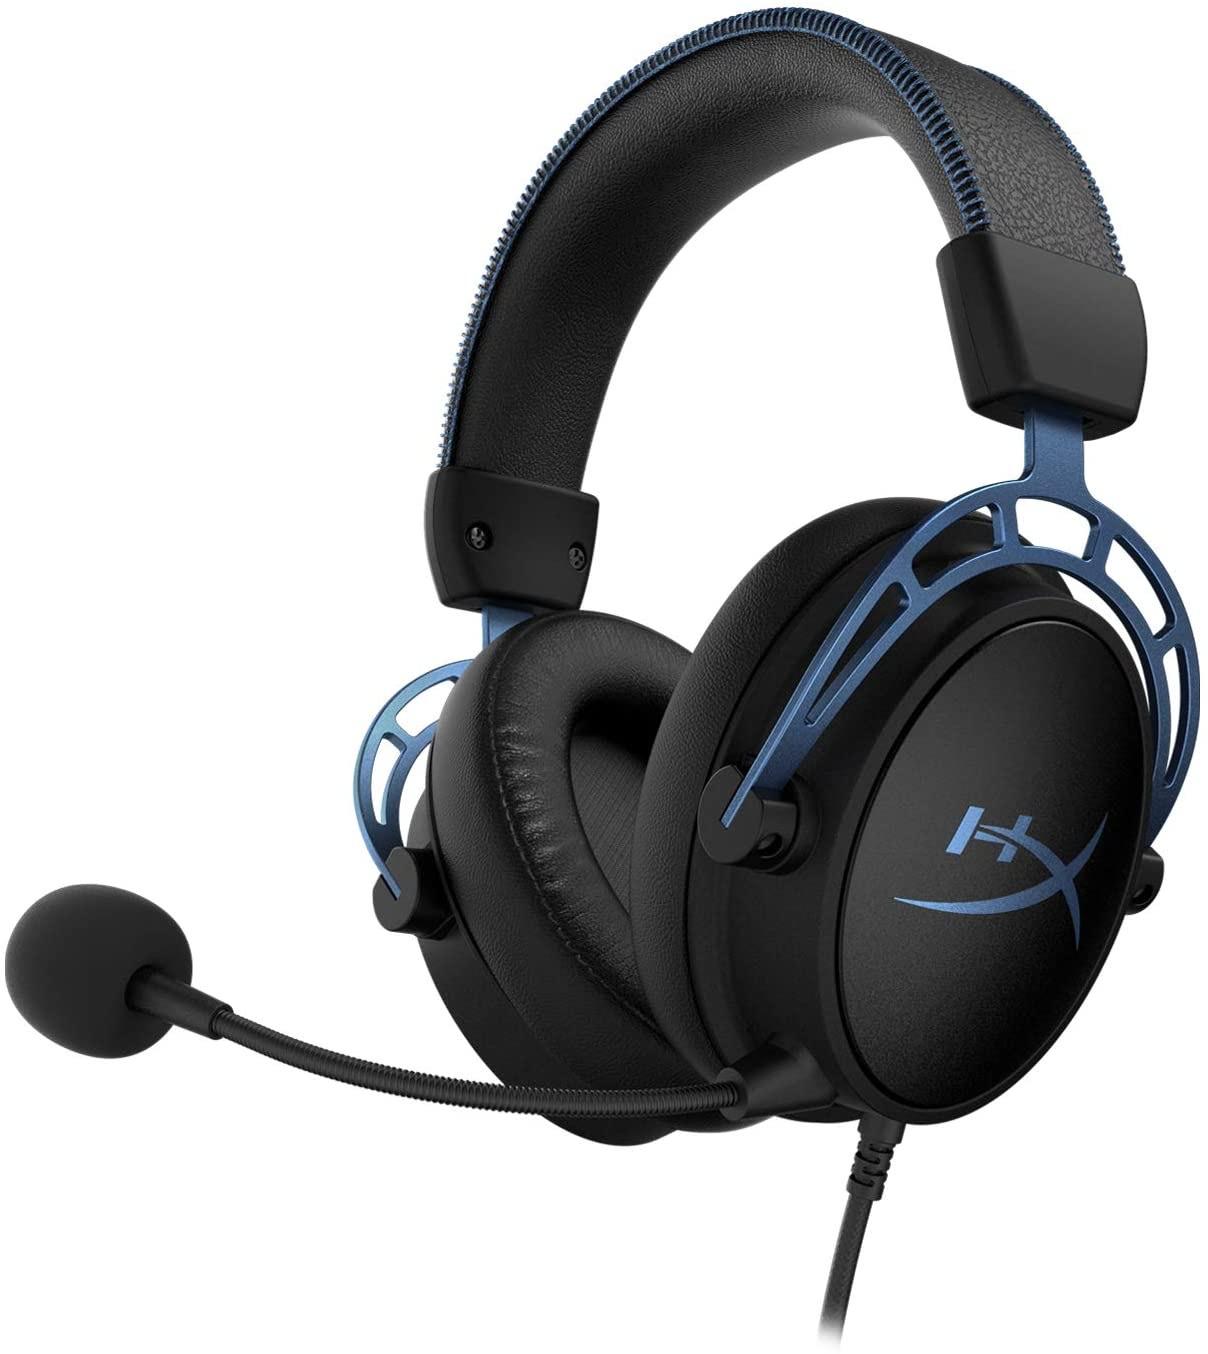 Micro-Casque HyperX Cloud Alpha S (Noir/bleu) - Virtual Surround 7.1, basses réglables